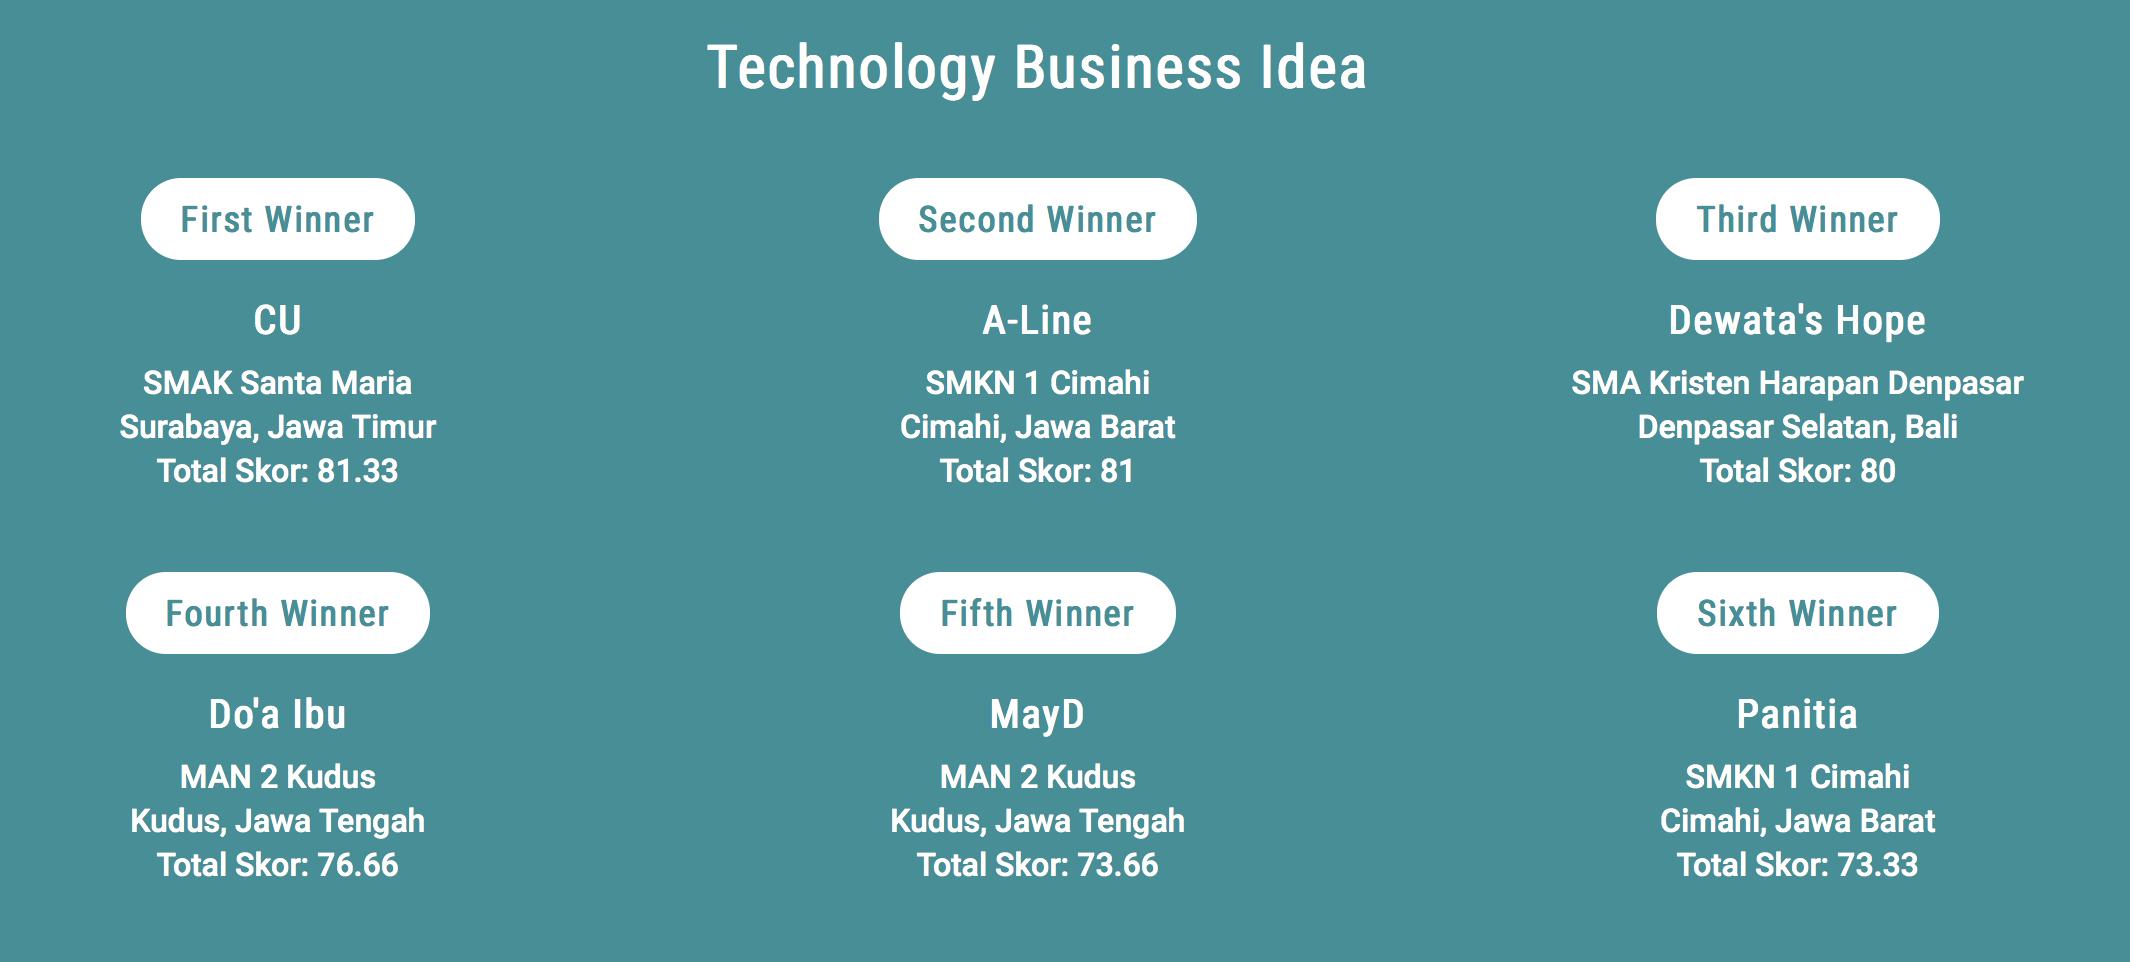 Pemenang Technology Business Idea NPLC 2016